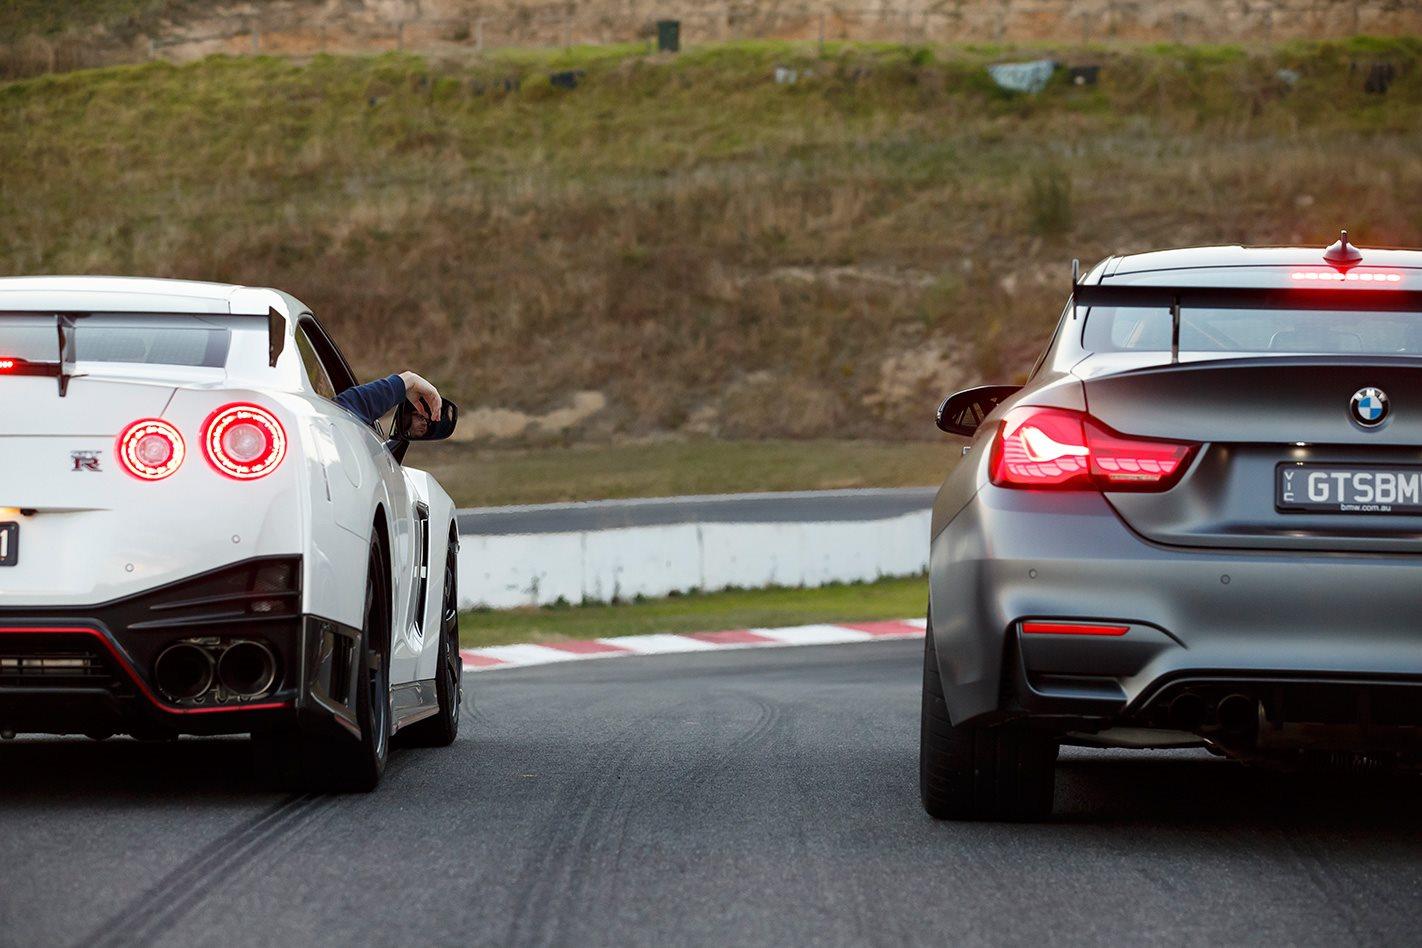 2017 Nissan GT-R NISMO vs 2017 BMW M4 GTS tailights.jpg